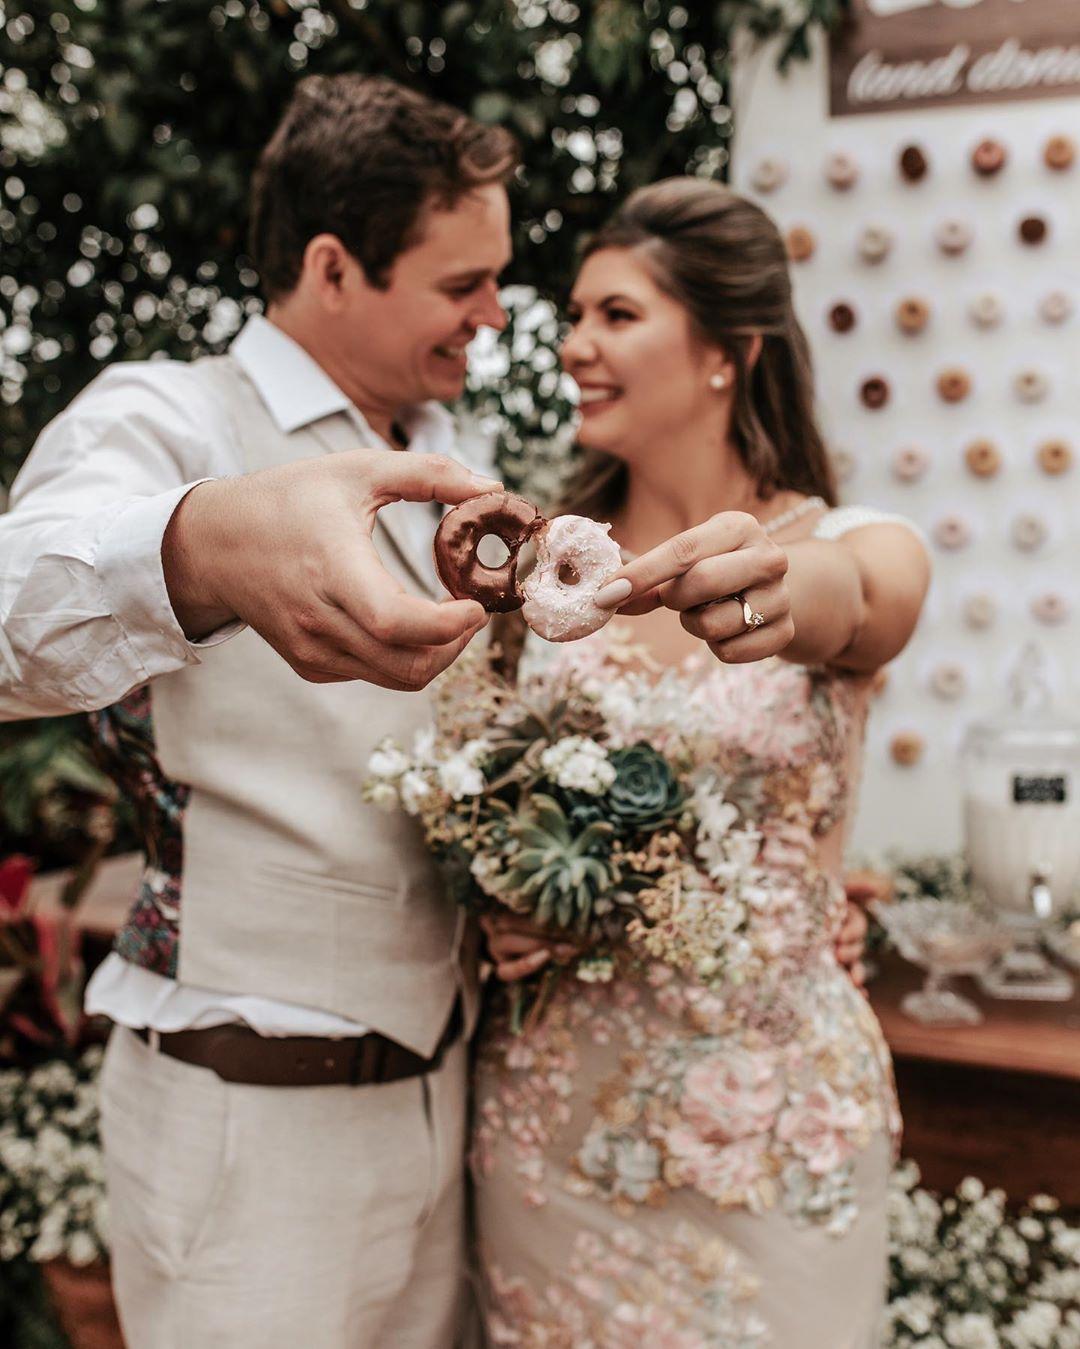 Donuts tendëncia de casamento - Foto: Caroline Moschei